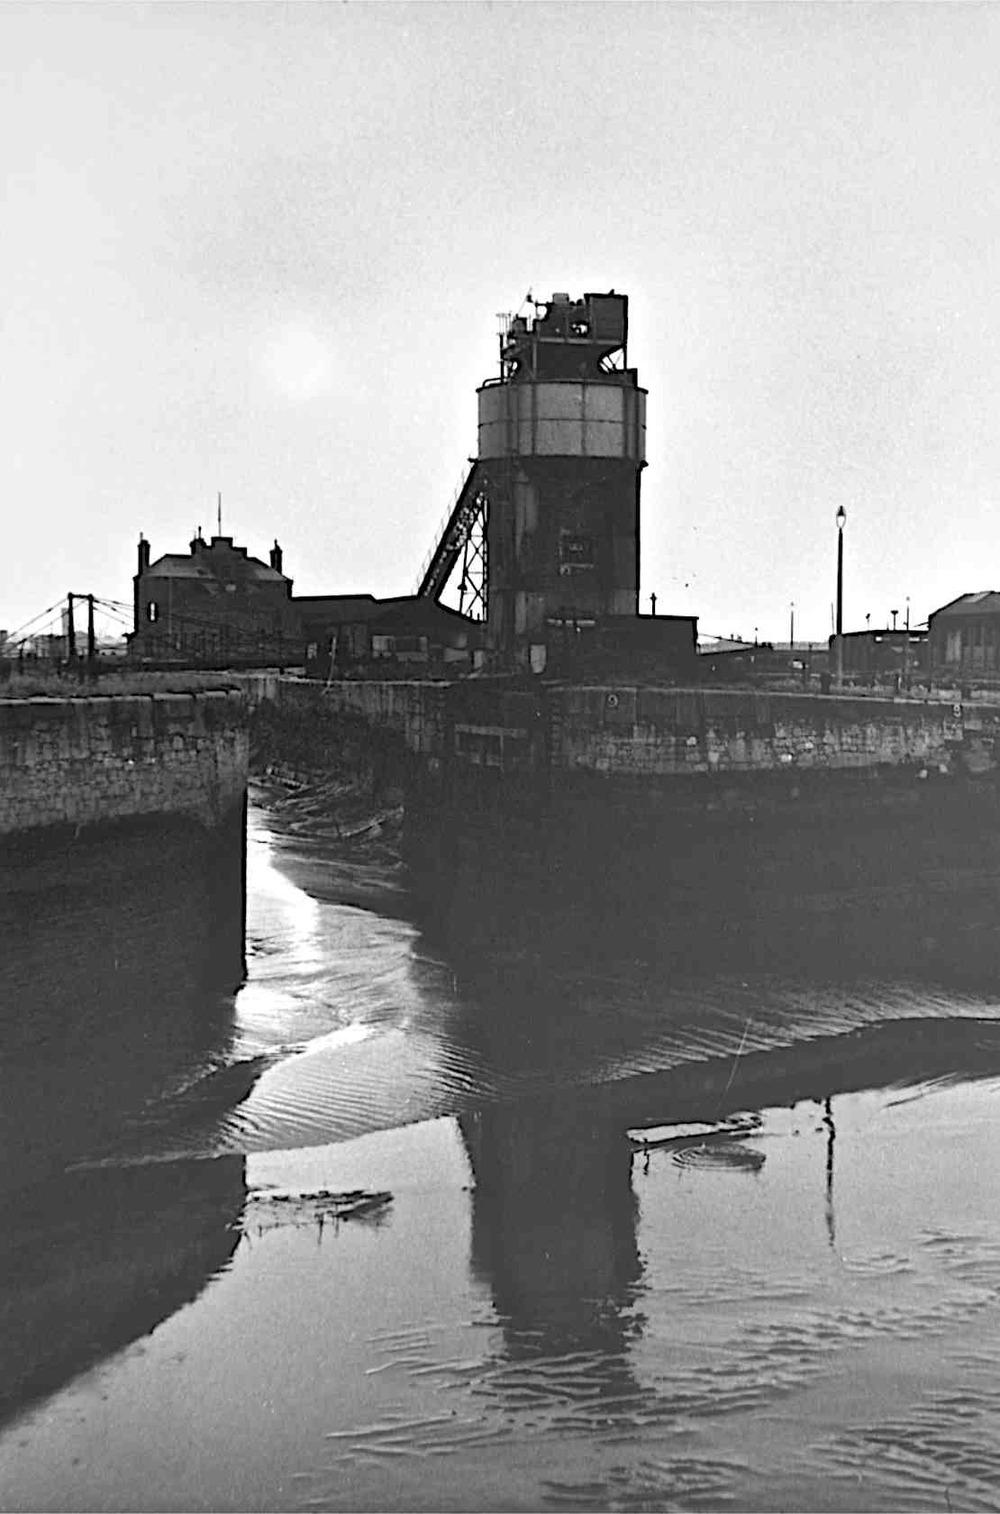 Albert Docks 6